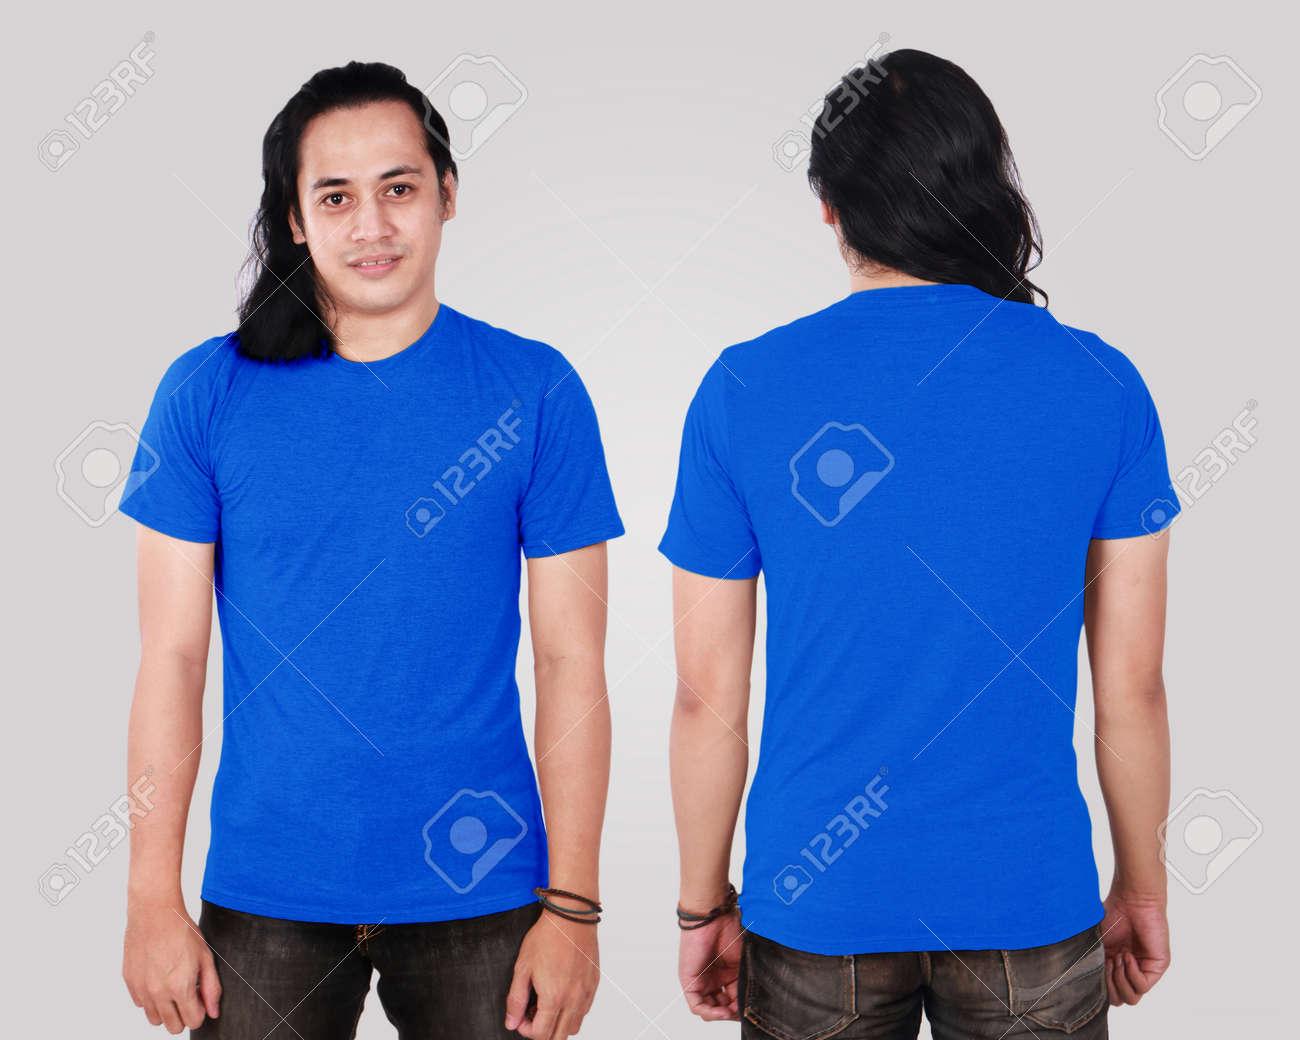 Camisa Azul En Blanco En El Modelo Masculino Asiático